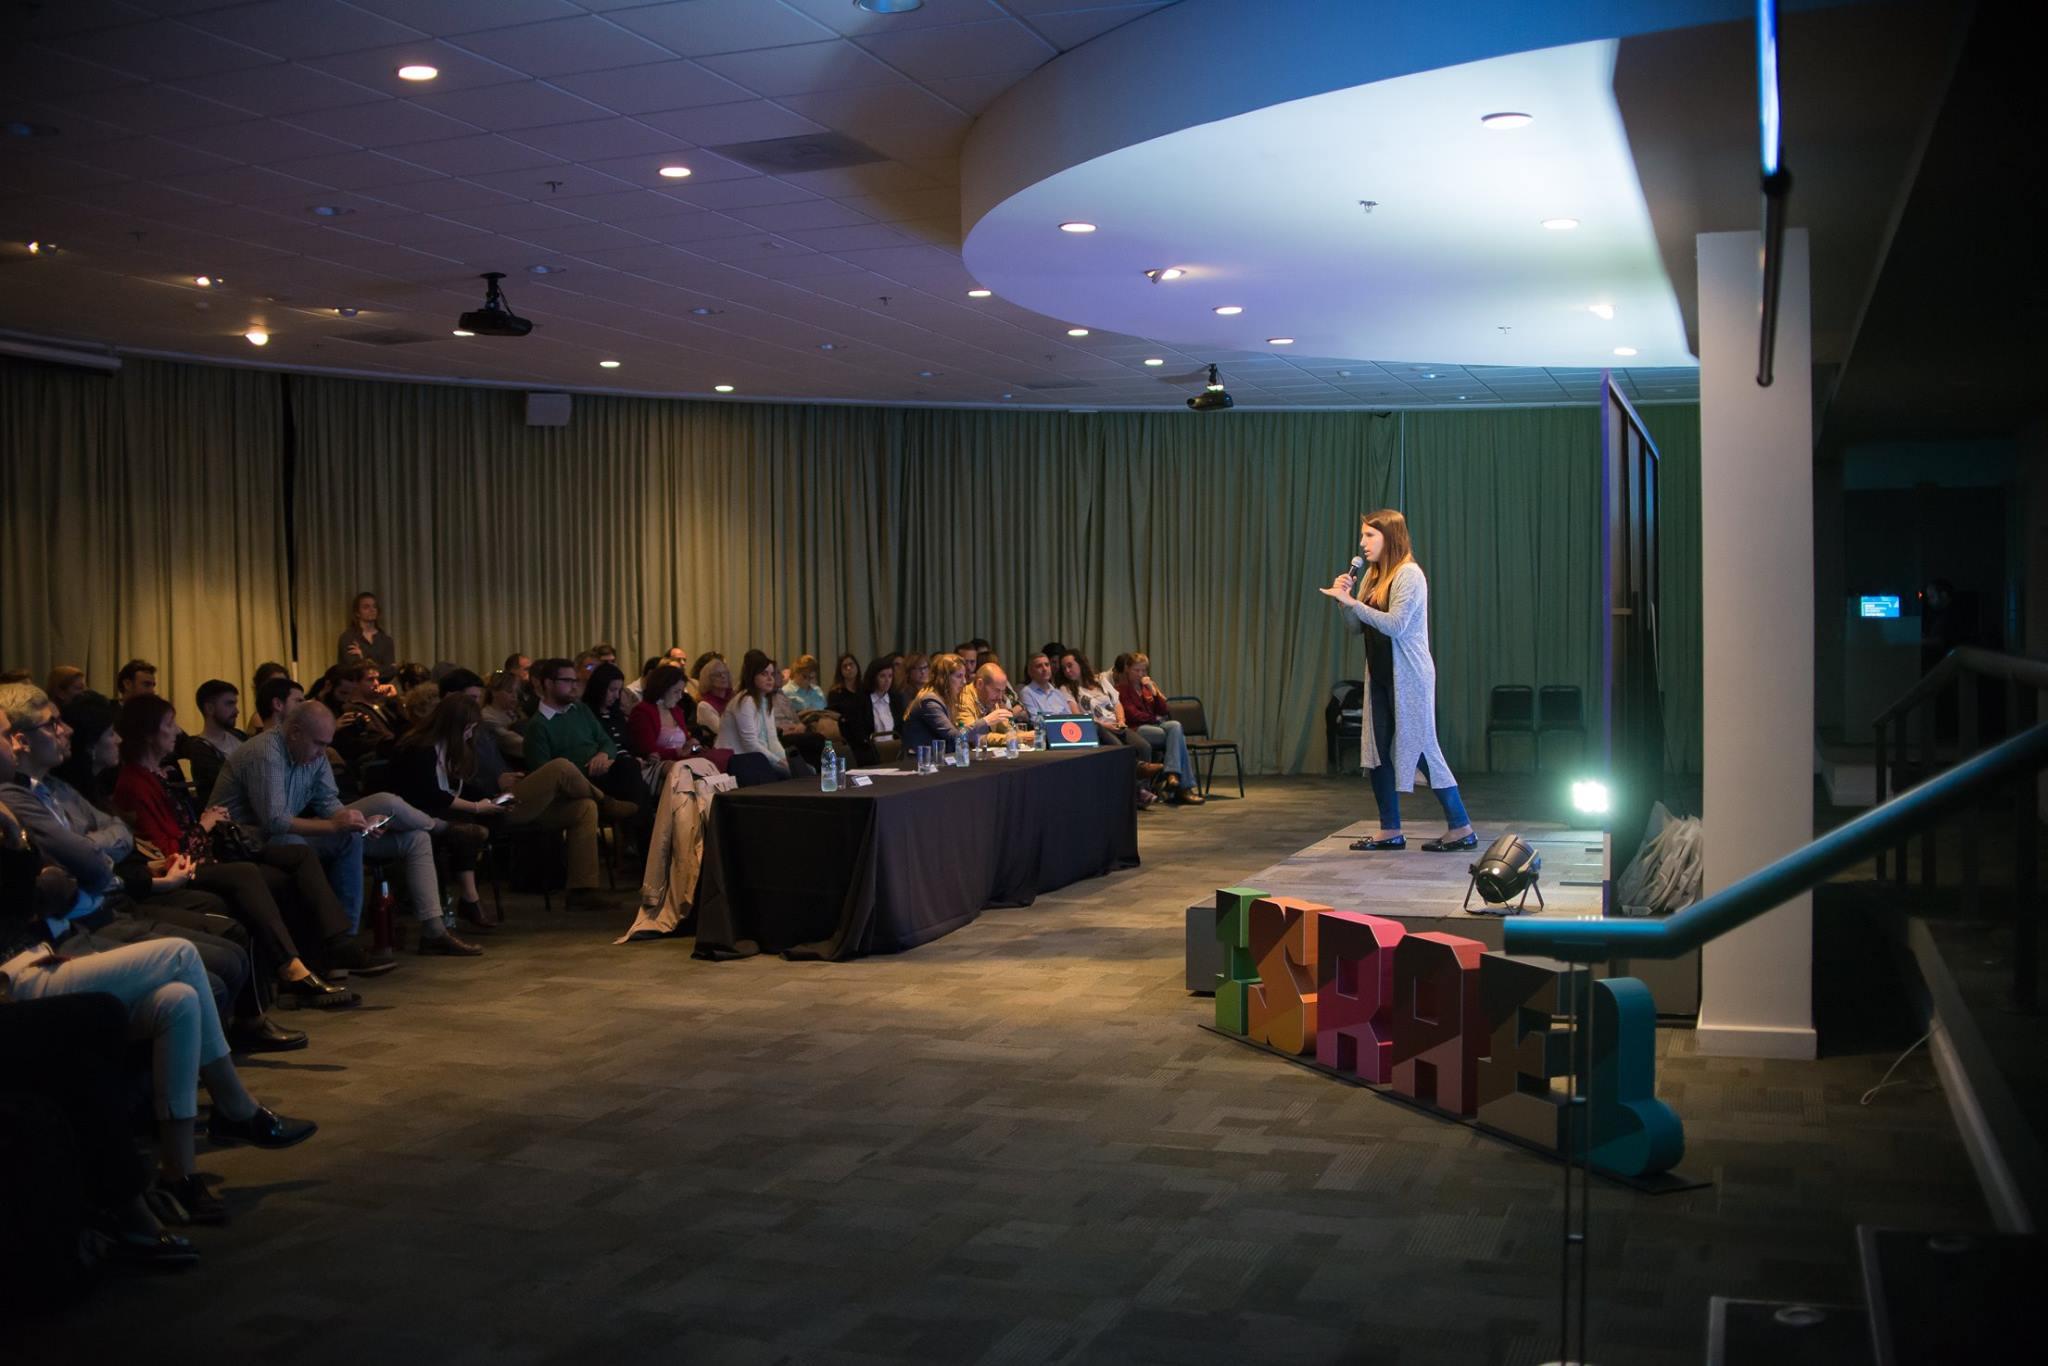 Startup Nation - Junto a ANDE y la Embajada de Israel buscamos emprendimientos sociales generen impacto en su comunidad.Estado: finalizado